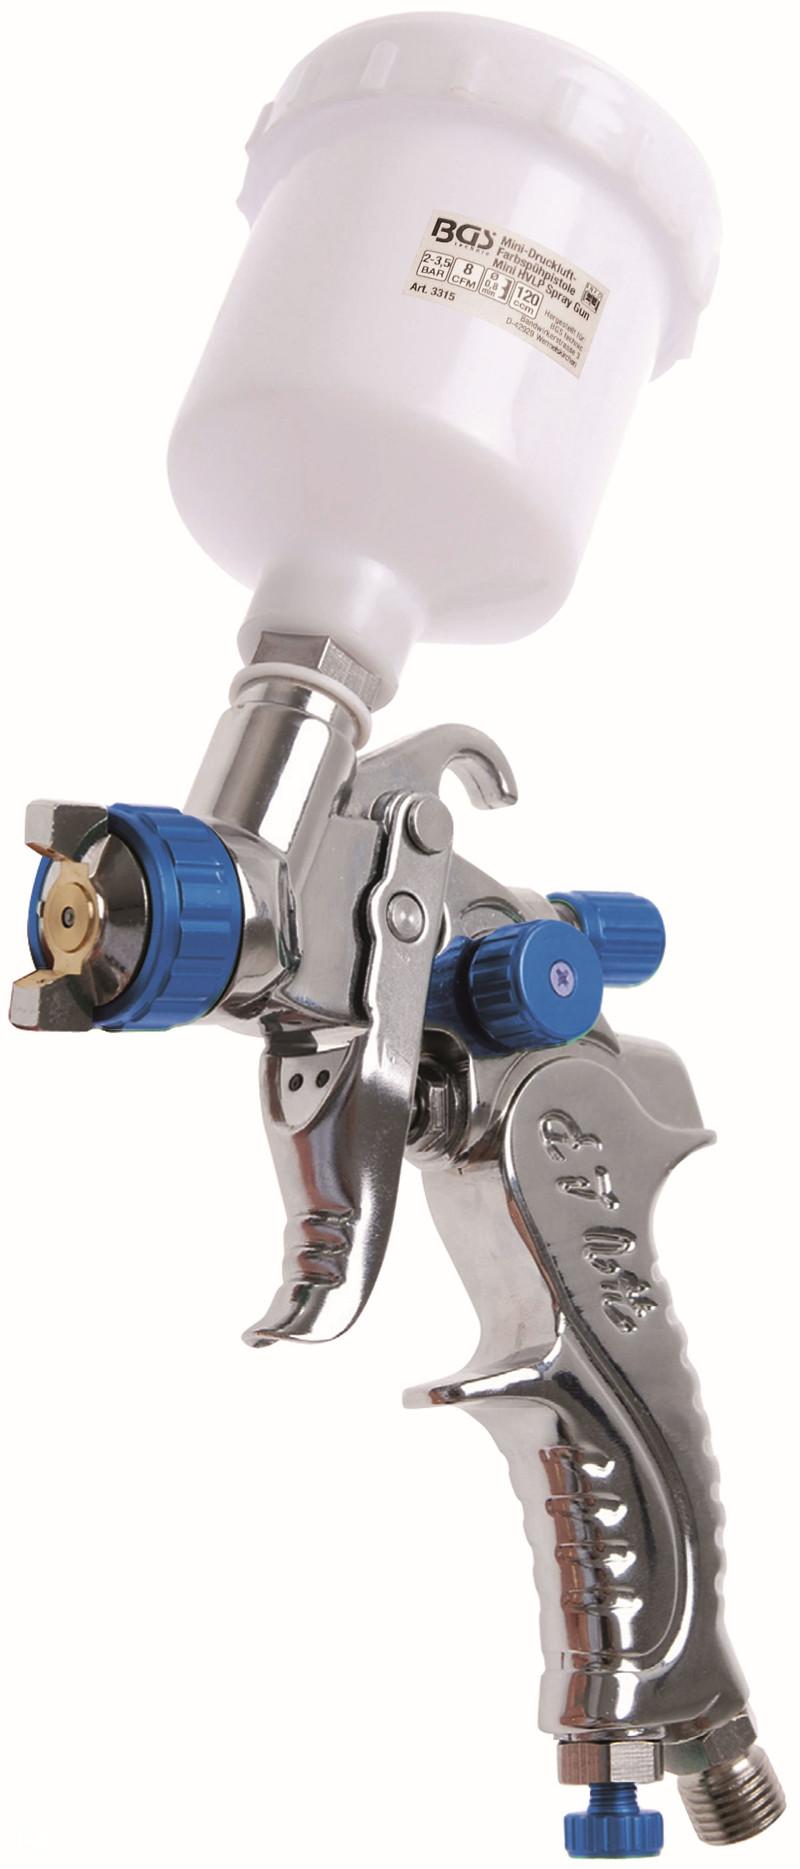 BGS 3315 MINI ŠPRICA ZA LAKIRANJE 0,8 mm